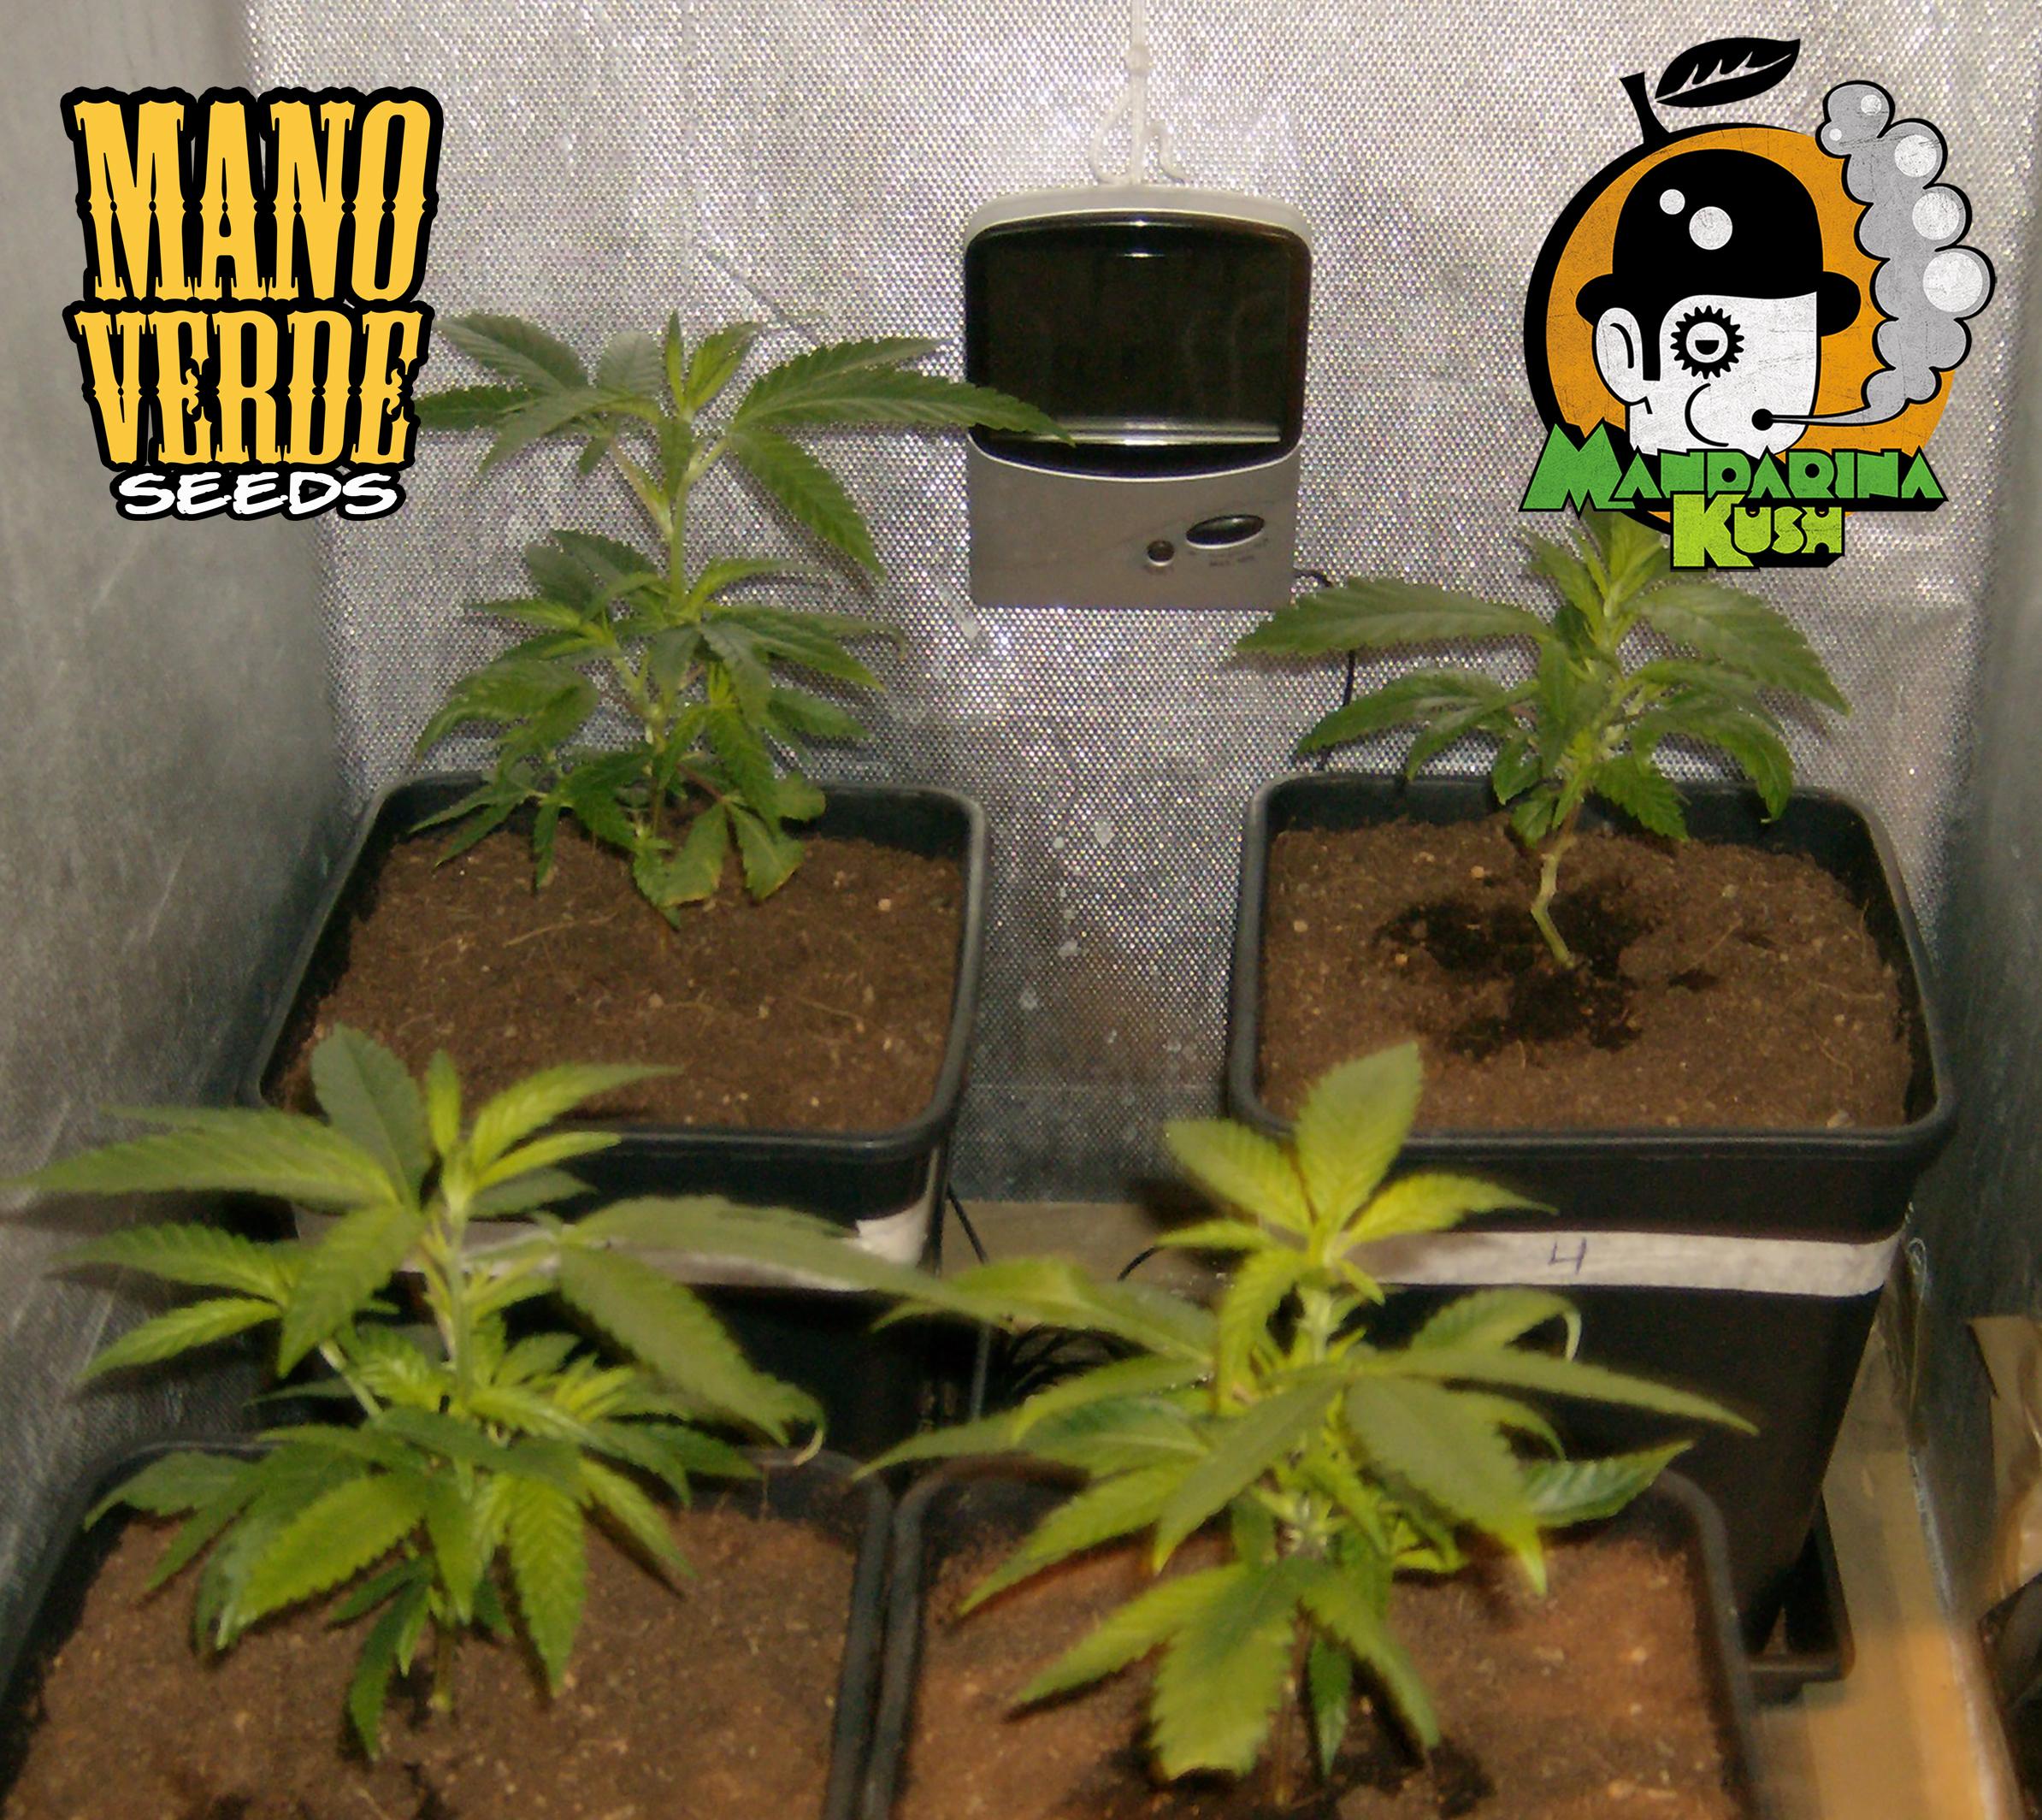 Mandarina Kush Manoverde Seeds 7F-150